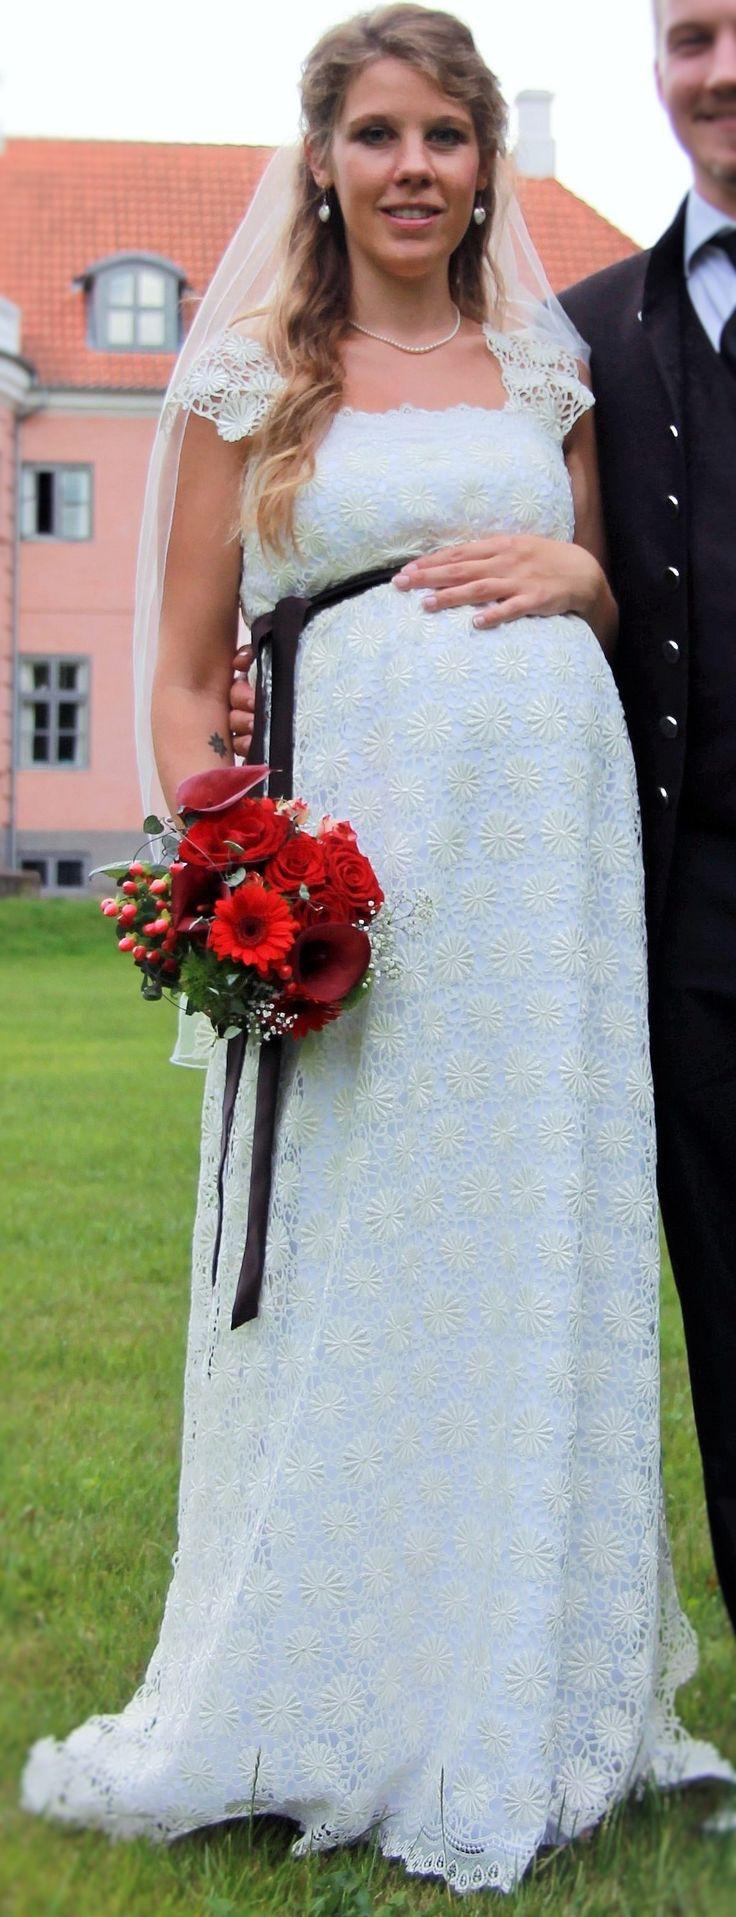 Min brudekjole, syet i samarbejde med og under kyndig vejledning af min mor :)